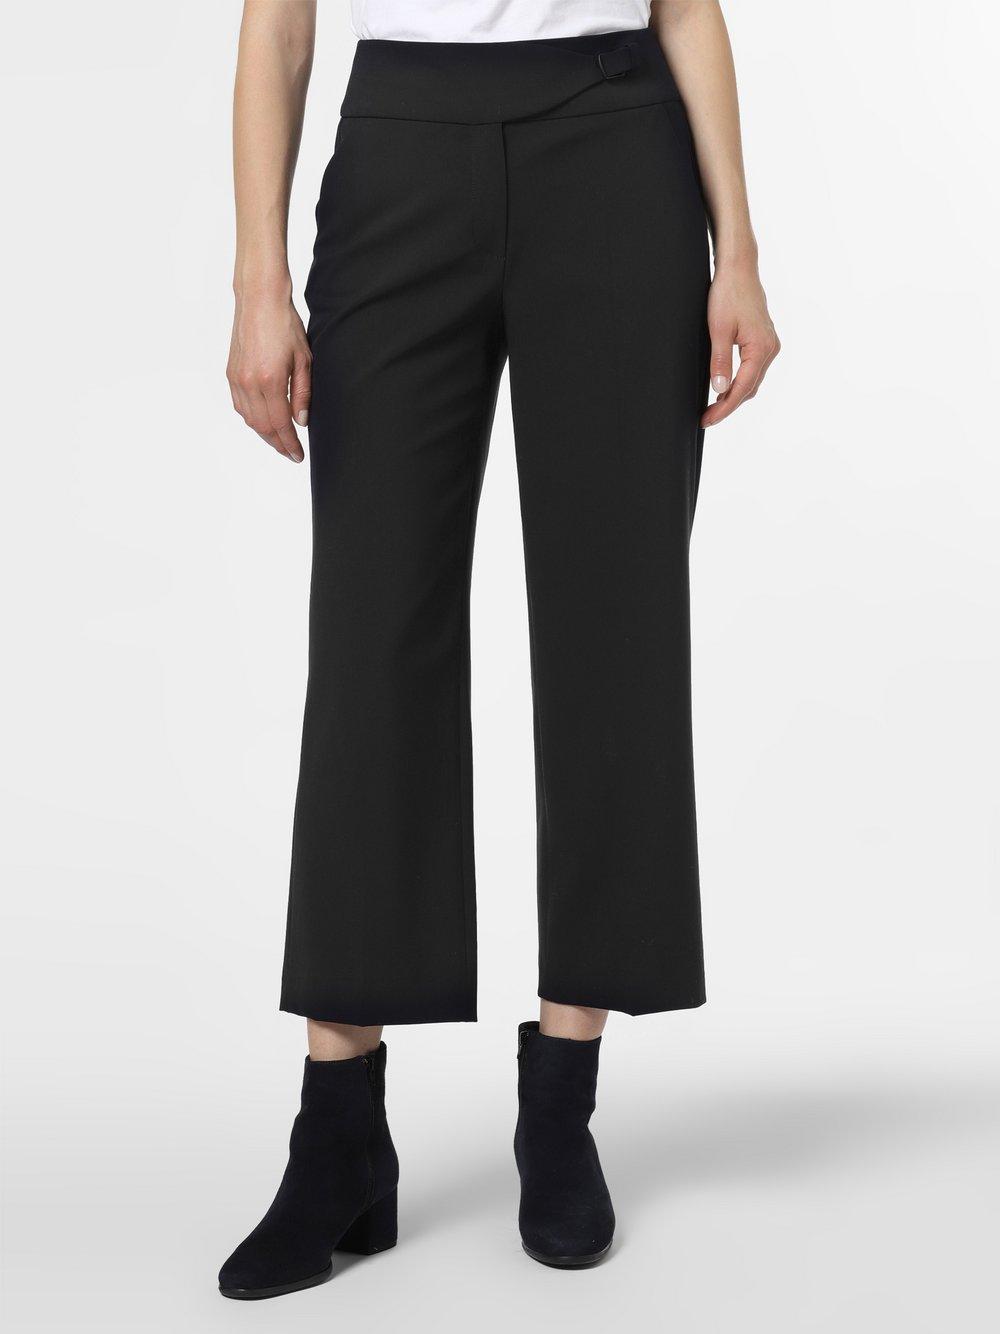 RAFFAELLO ROSSI – Spodnie damskie – Valerie, niebieski Van Graaf 483909-0001-00420